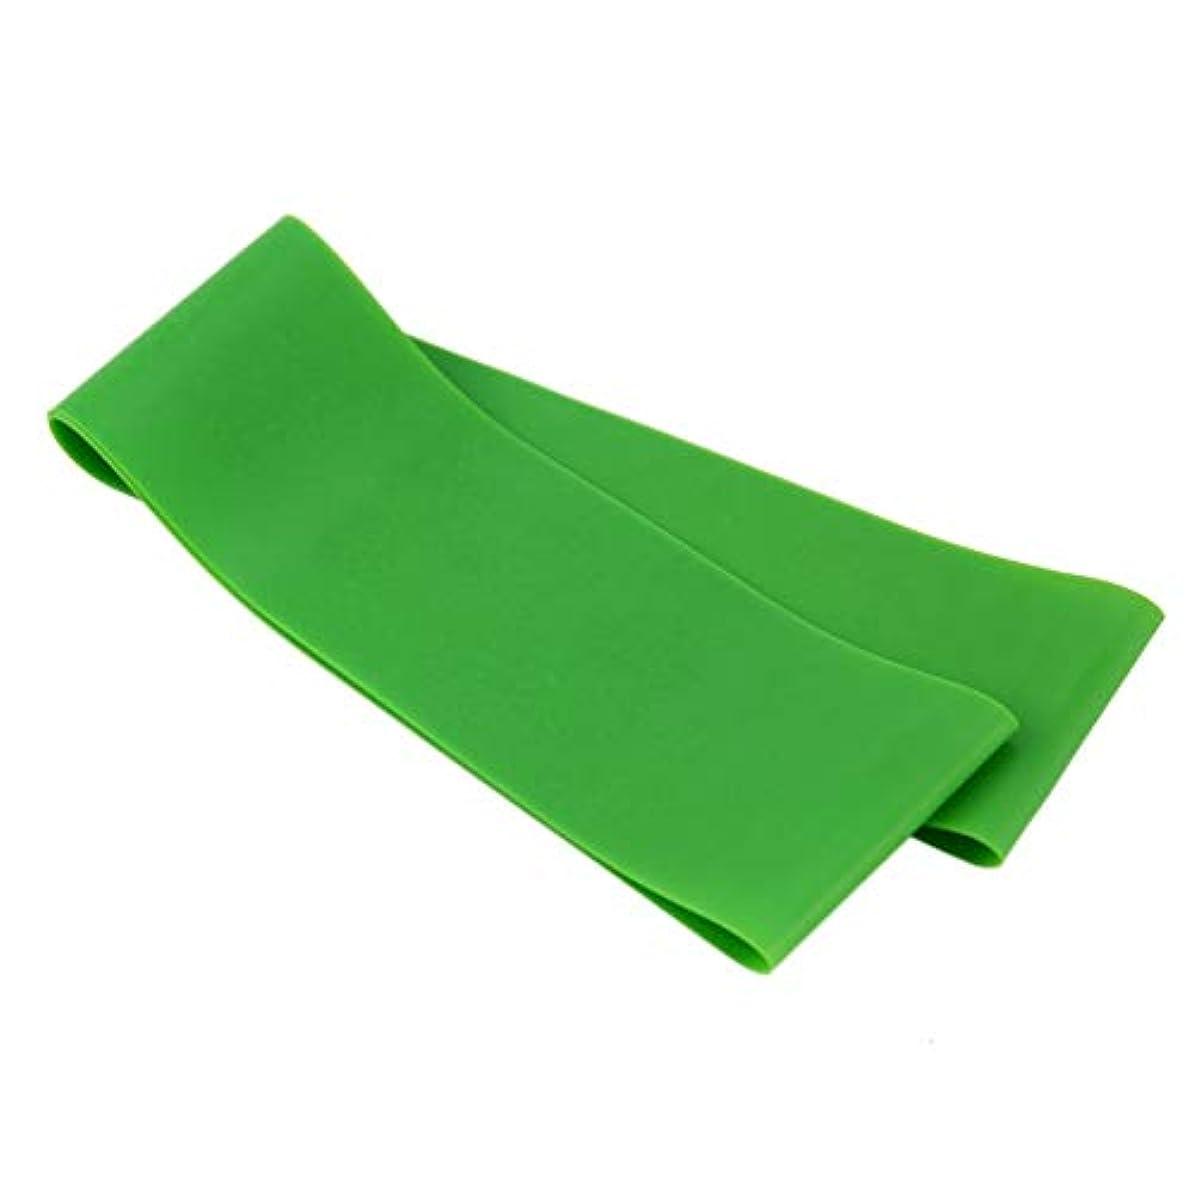 マネージャー振る手がかり滑り止め伸縮性ゴム弾性ヨガベルトバンドプルロープ張力抵抗バンドループ強度のためのフィットネスヨガツール - グリーン